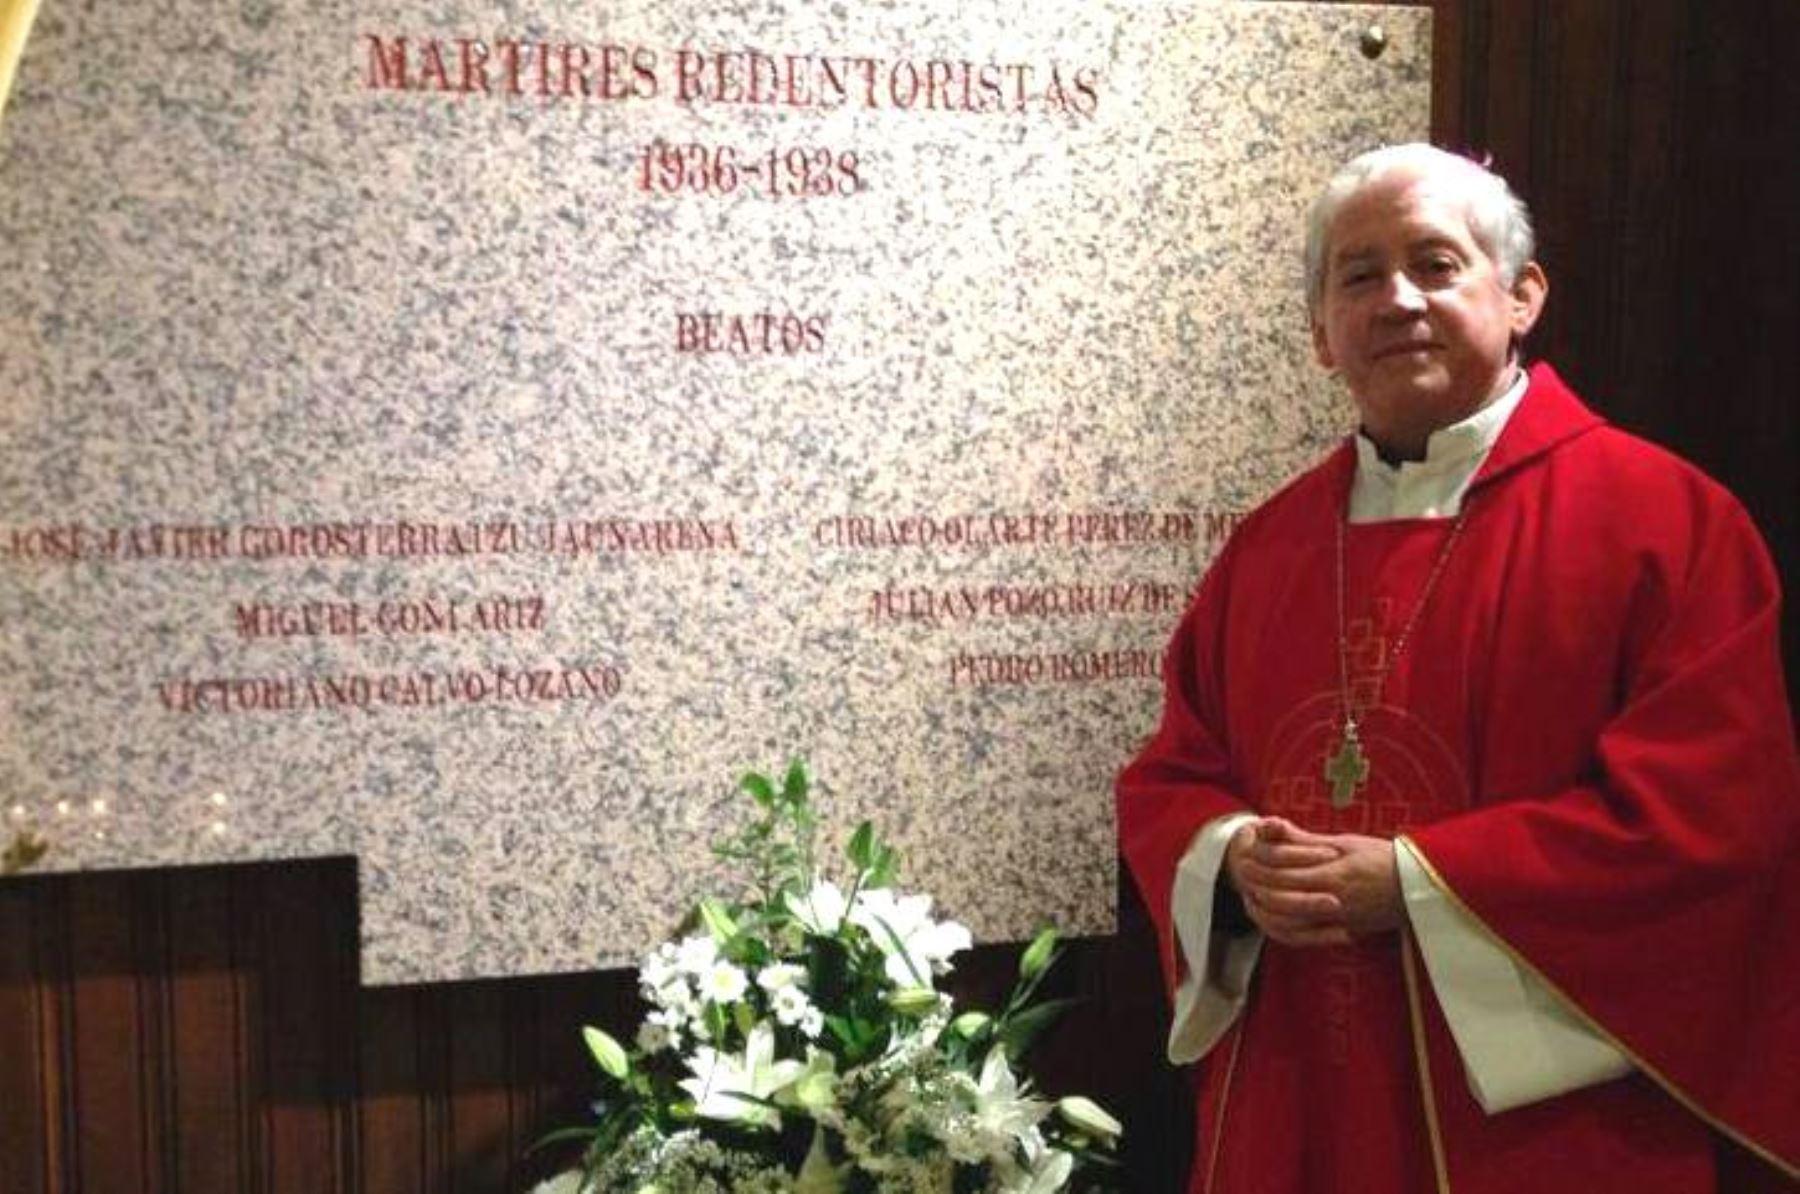 Resultado de imagen para noel londoño buitrago martires redentoristas